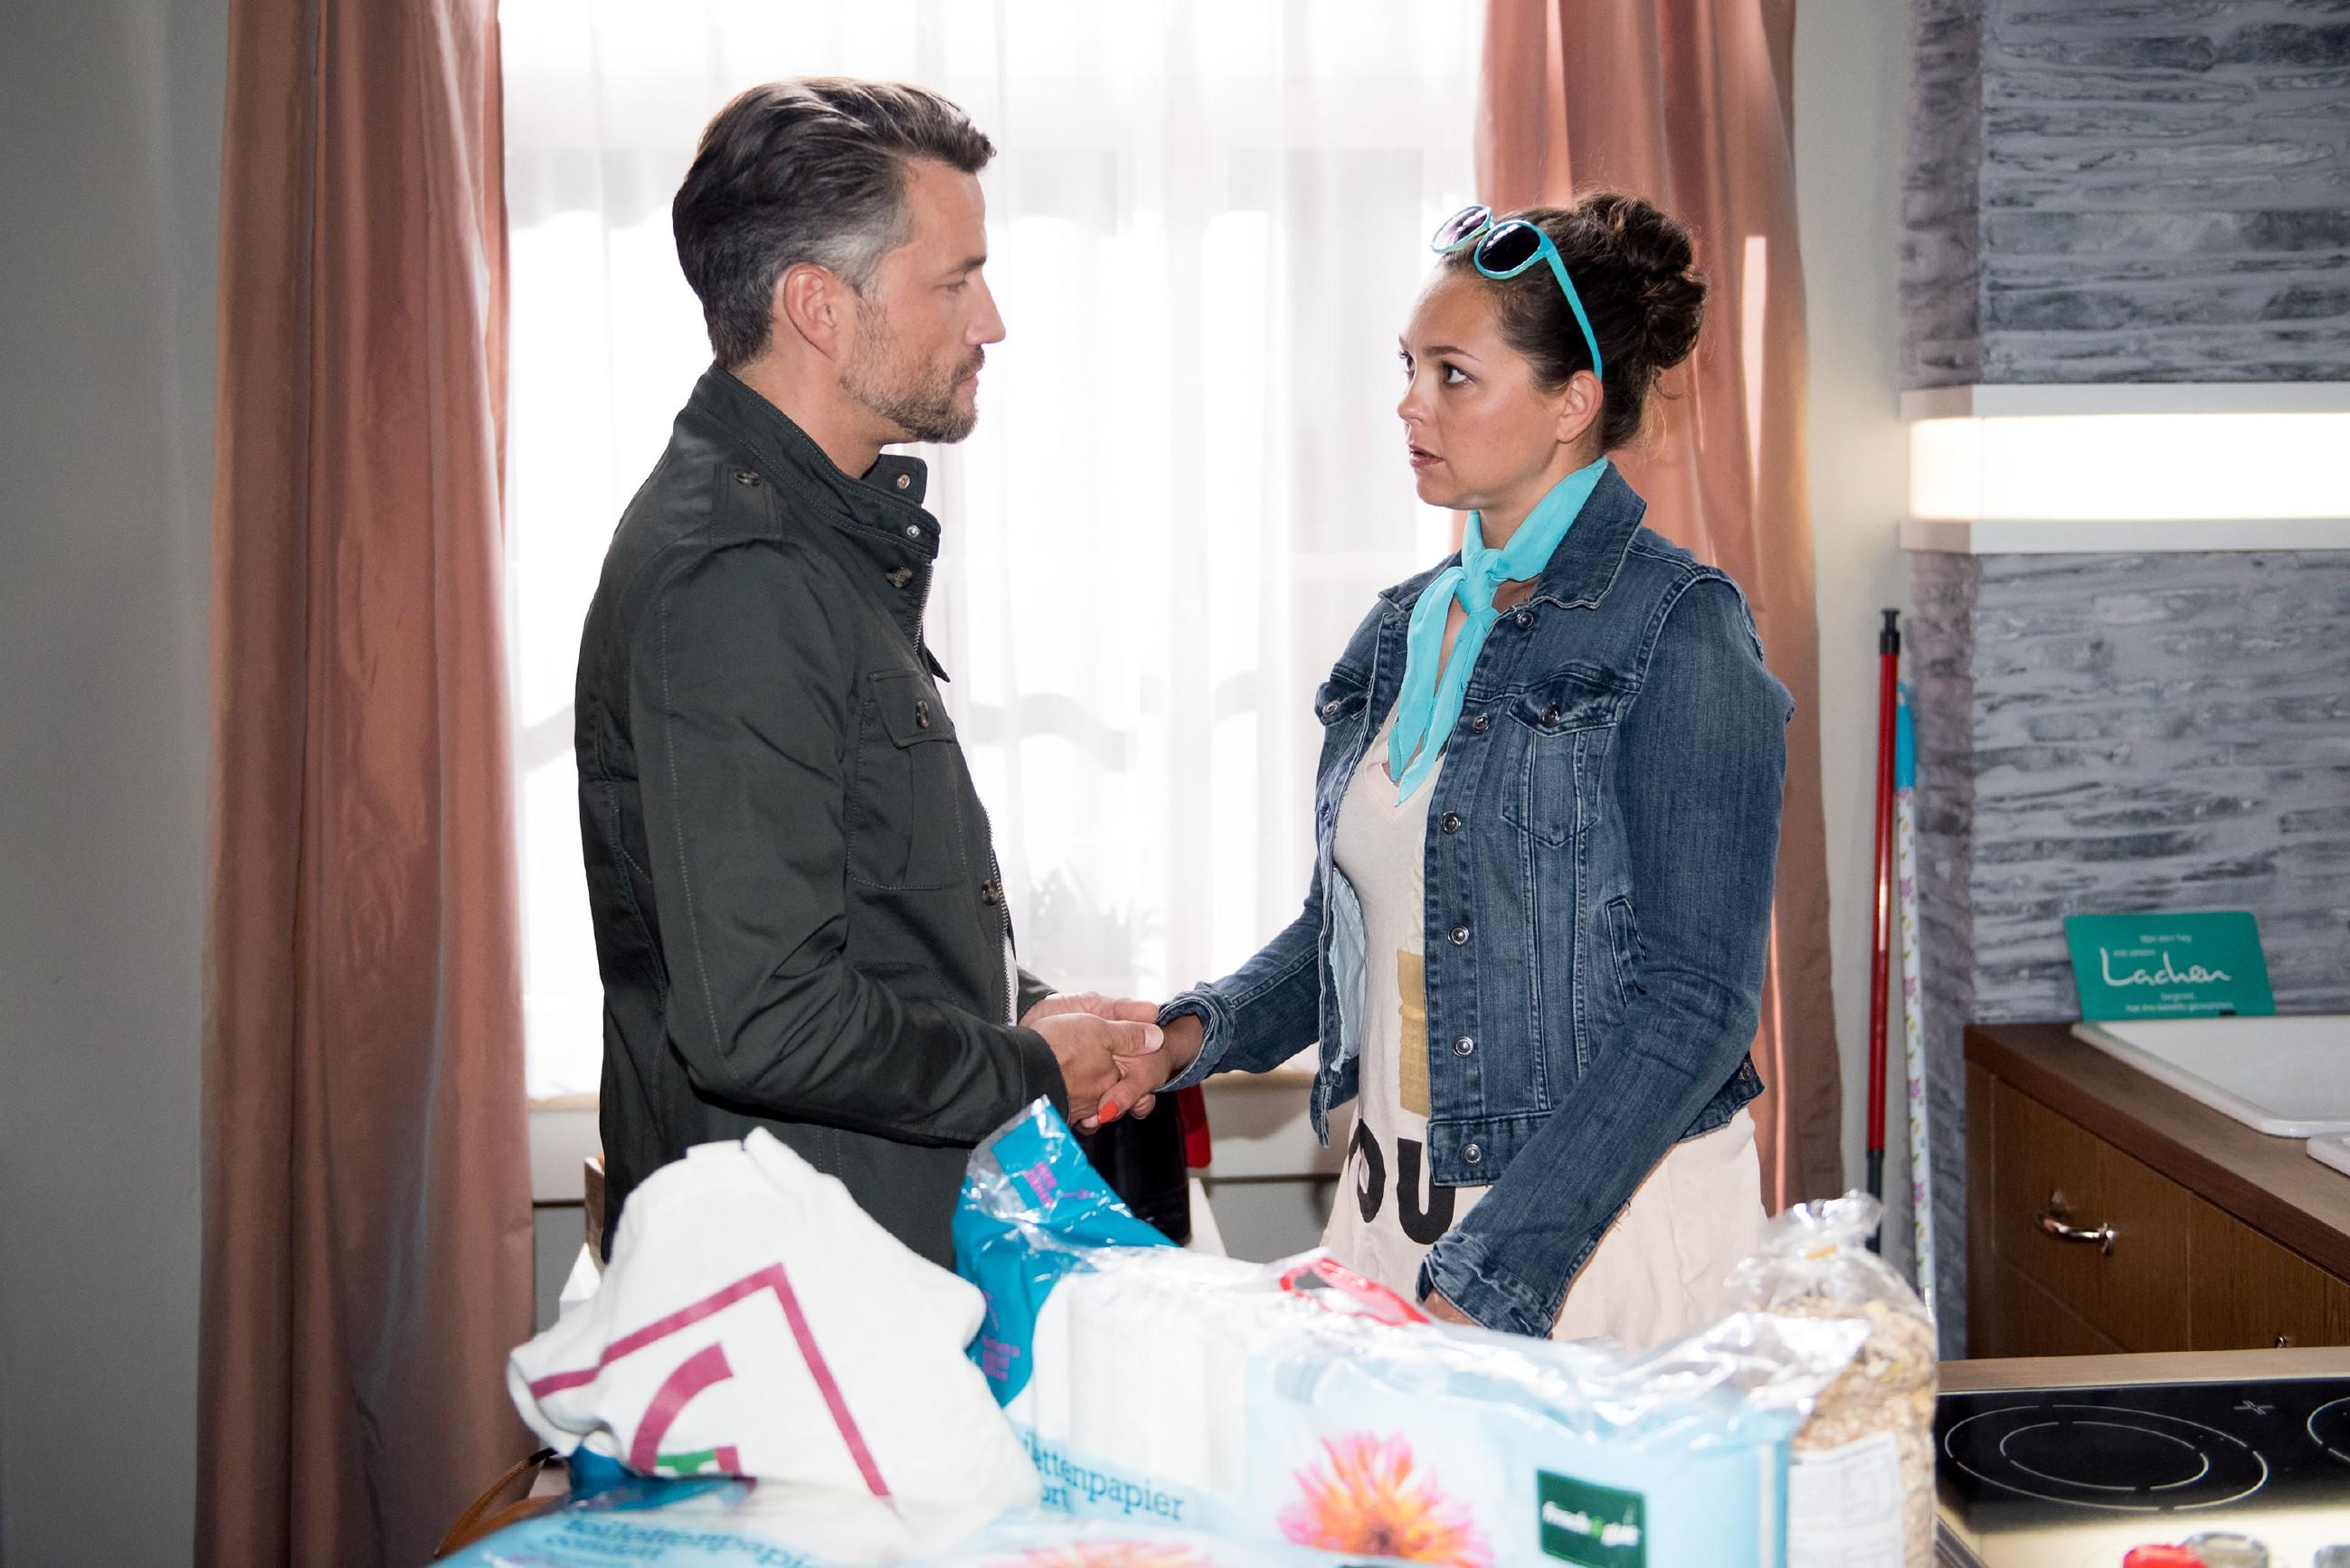 Caro (Ines Kurenbach) und Malte (Stefan Bockelmann) sind sich einig, dass ihre angeschlagene Beziehung wieder in Schwung gebracht werden muss. (Quelle: RTL / Stefan Behrens)